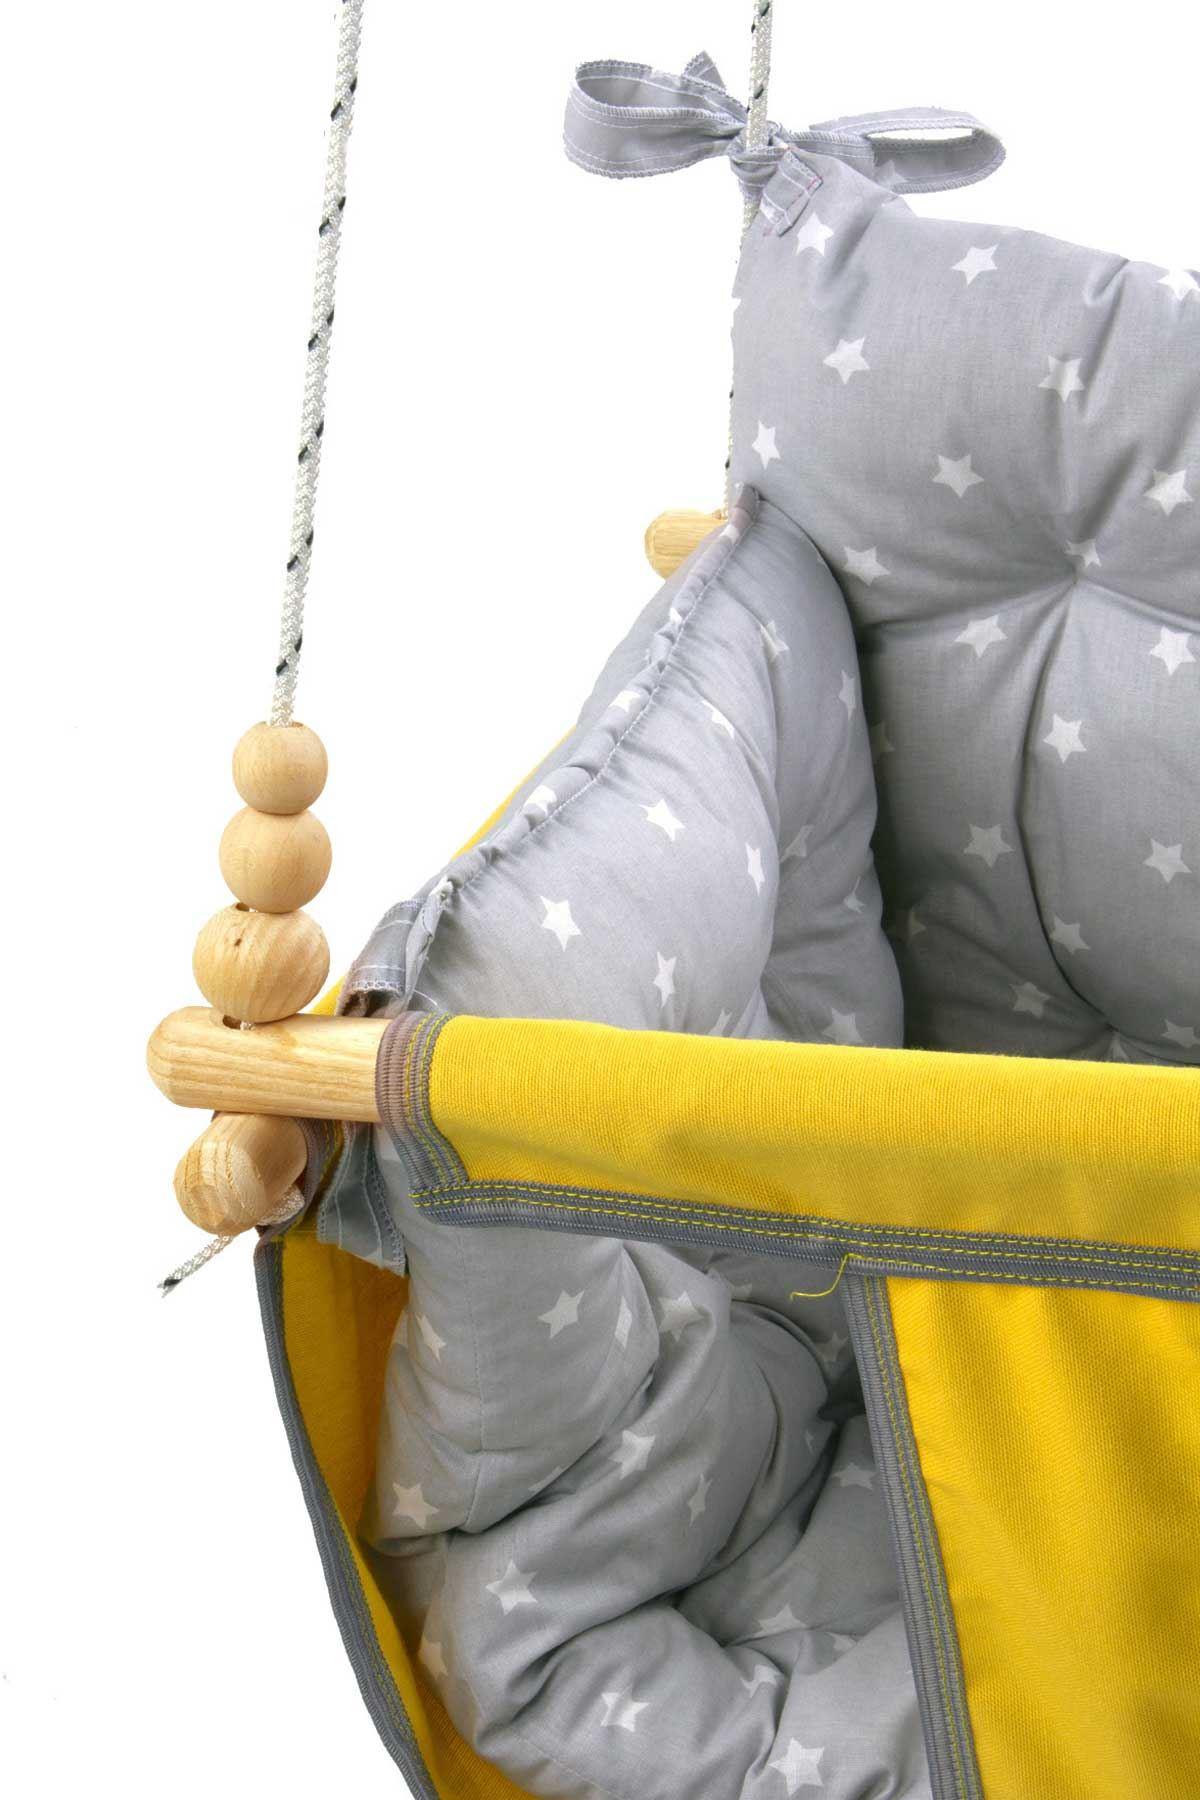 Sarı Wag Swing Çocuk Ahşap Salıncak Bebek Hamak Bahçe Salıcağı